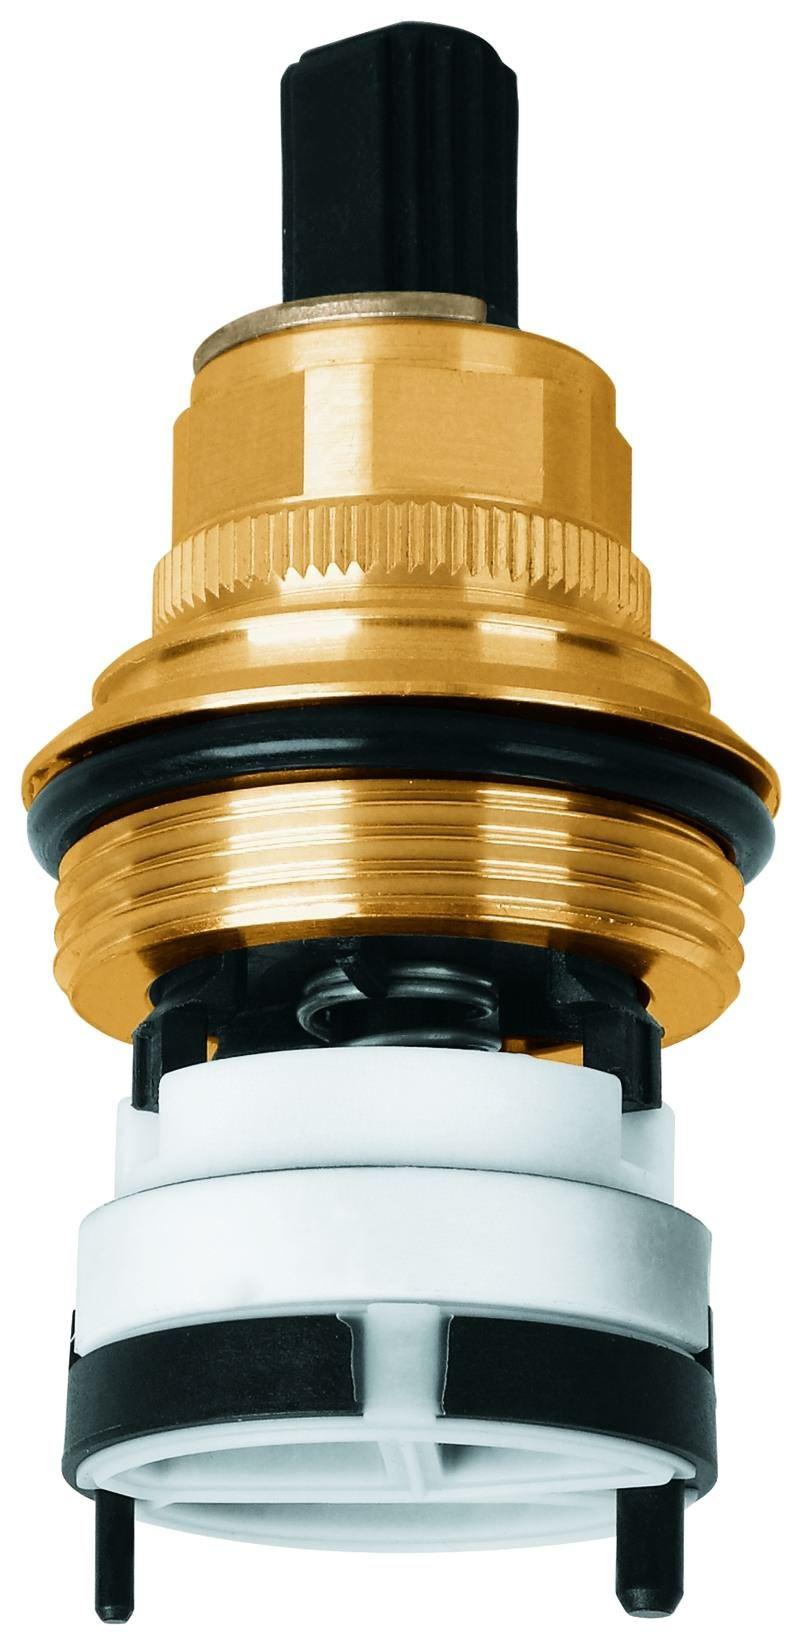 Elegant  UNIVERSAL L fter Ventilator W mit mm Fl gelsparen sparen de sparen info Preisvergleich Pinterest